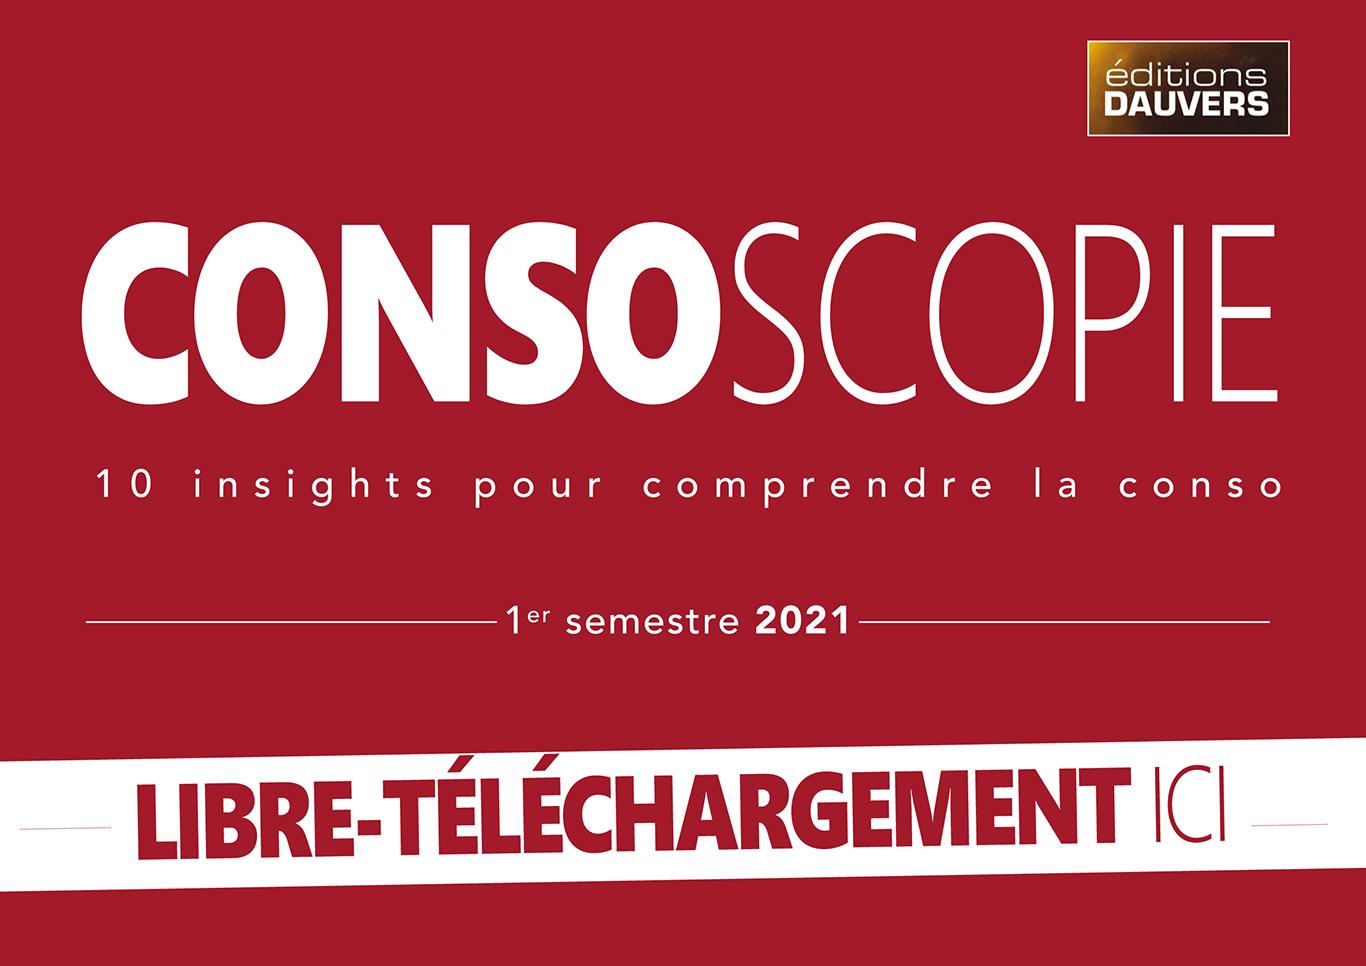 CONSOSCOPIE-S1 2021